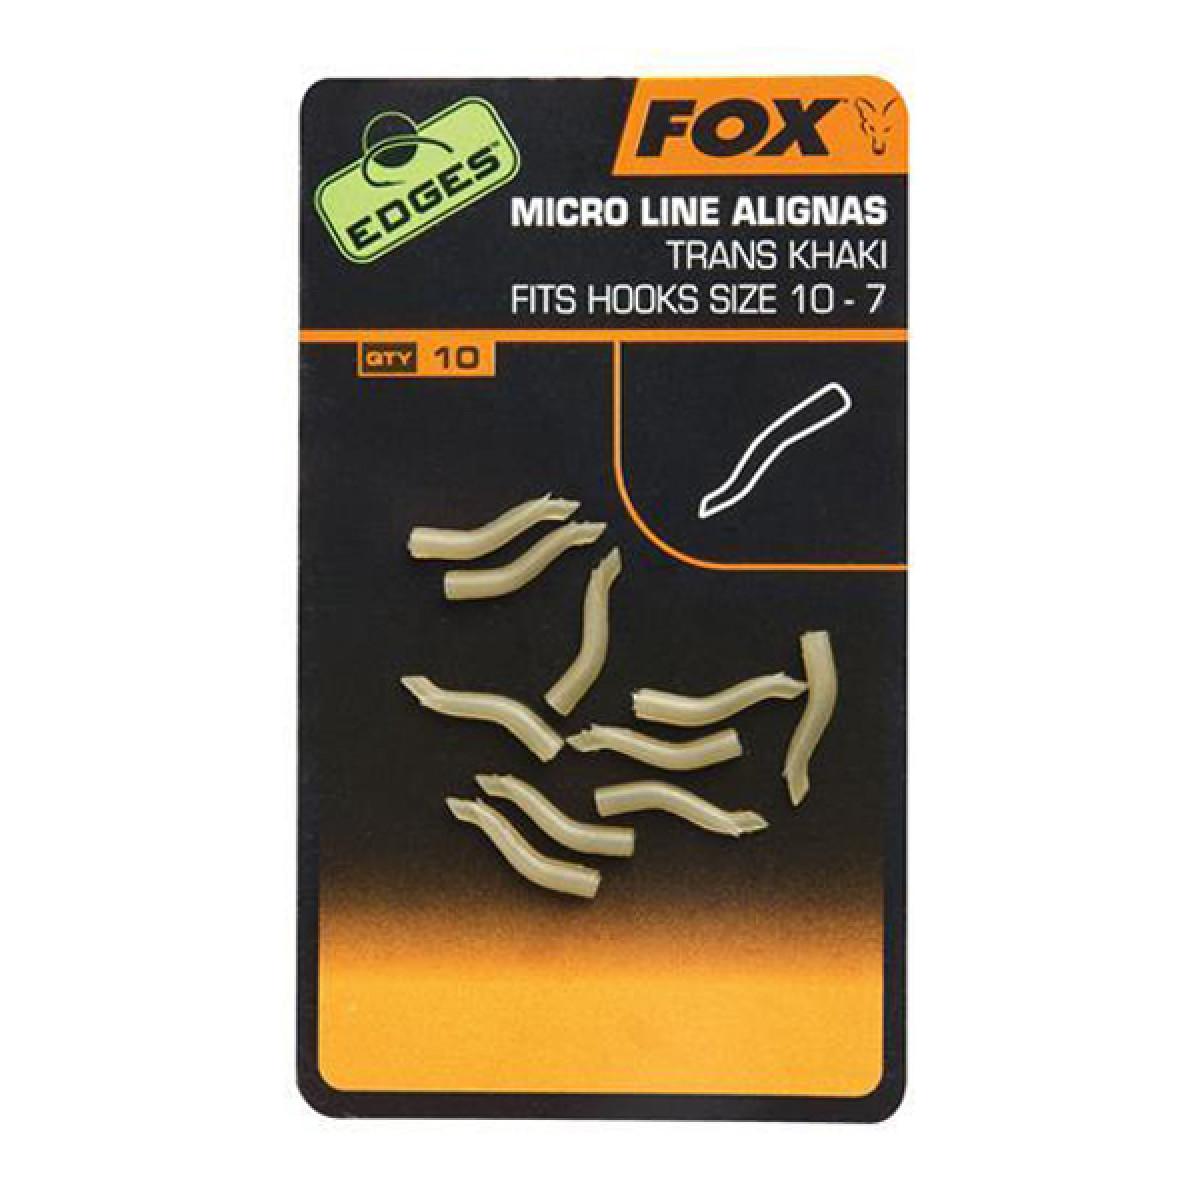 Micro Line Aligna